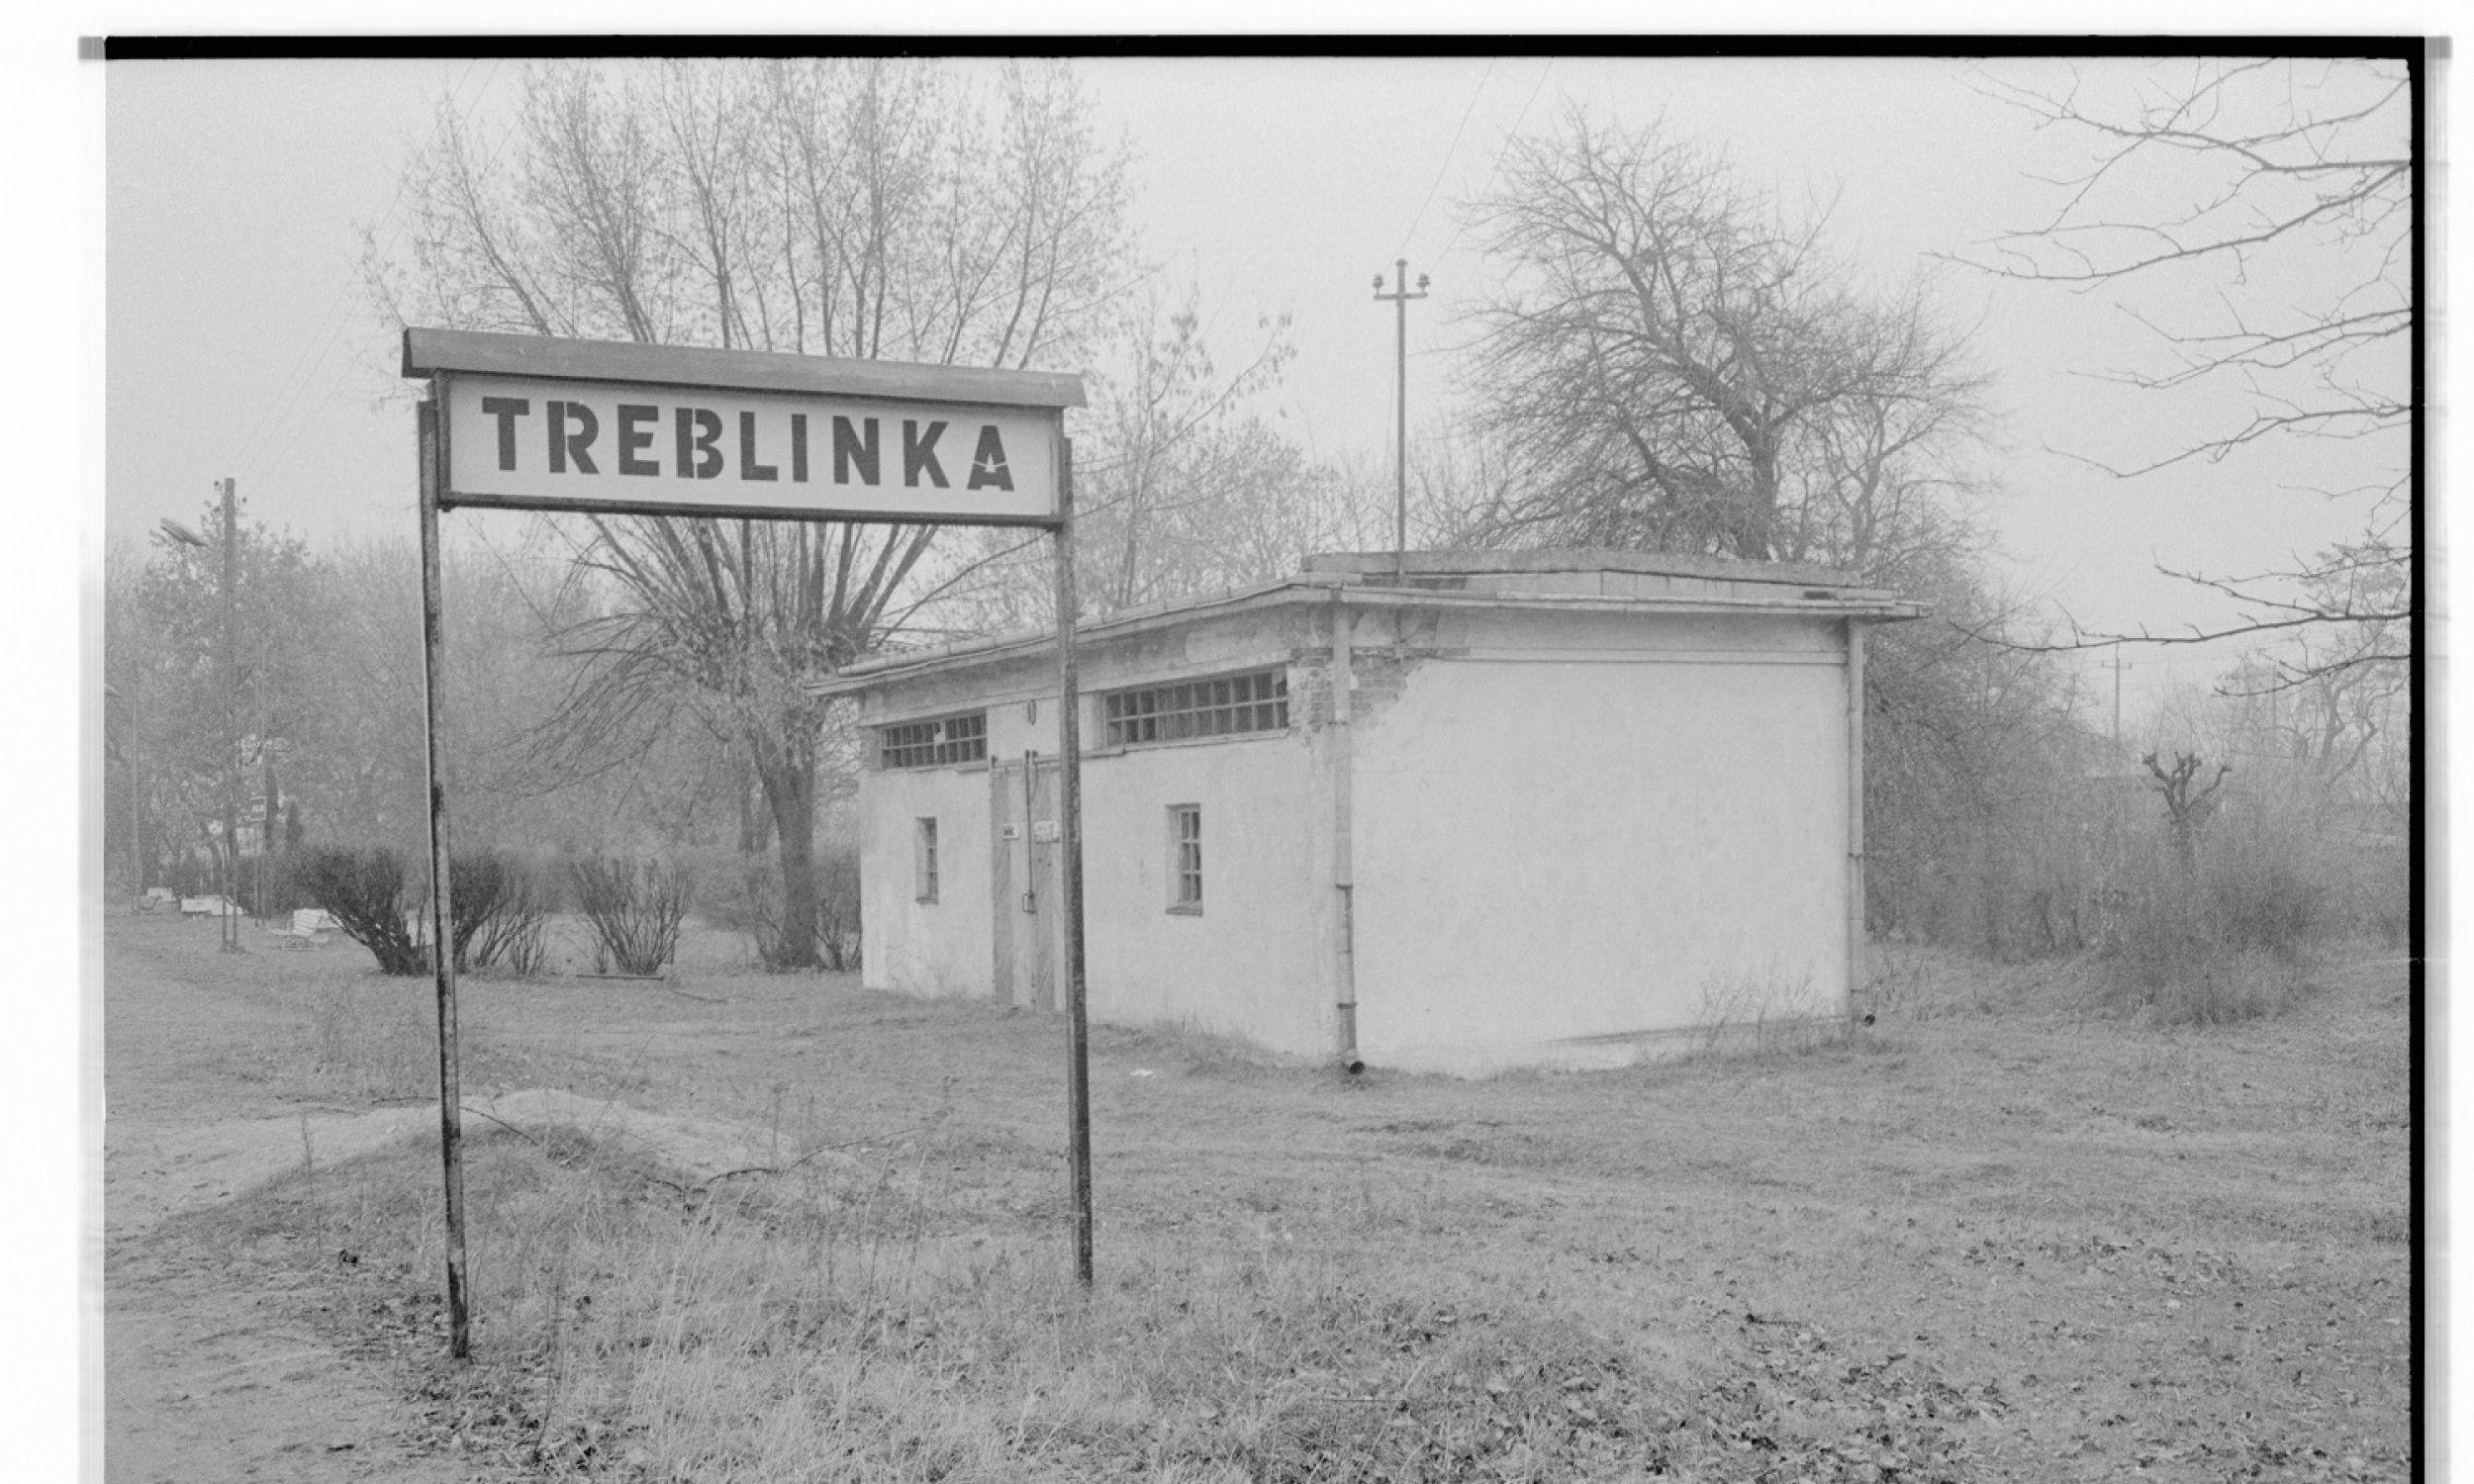 Obozy zagłady budowano w odludnej okolicy, blisko małej stacji kolejowej, na którą wagonami dowożono ofiary, zmieniając wcześniej obsługę parowozów na niemiecką. Fot. Ira Nowinski/Corbis/VCG via Getty Images